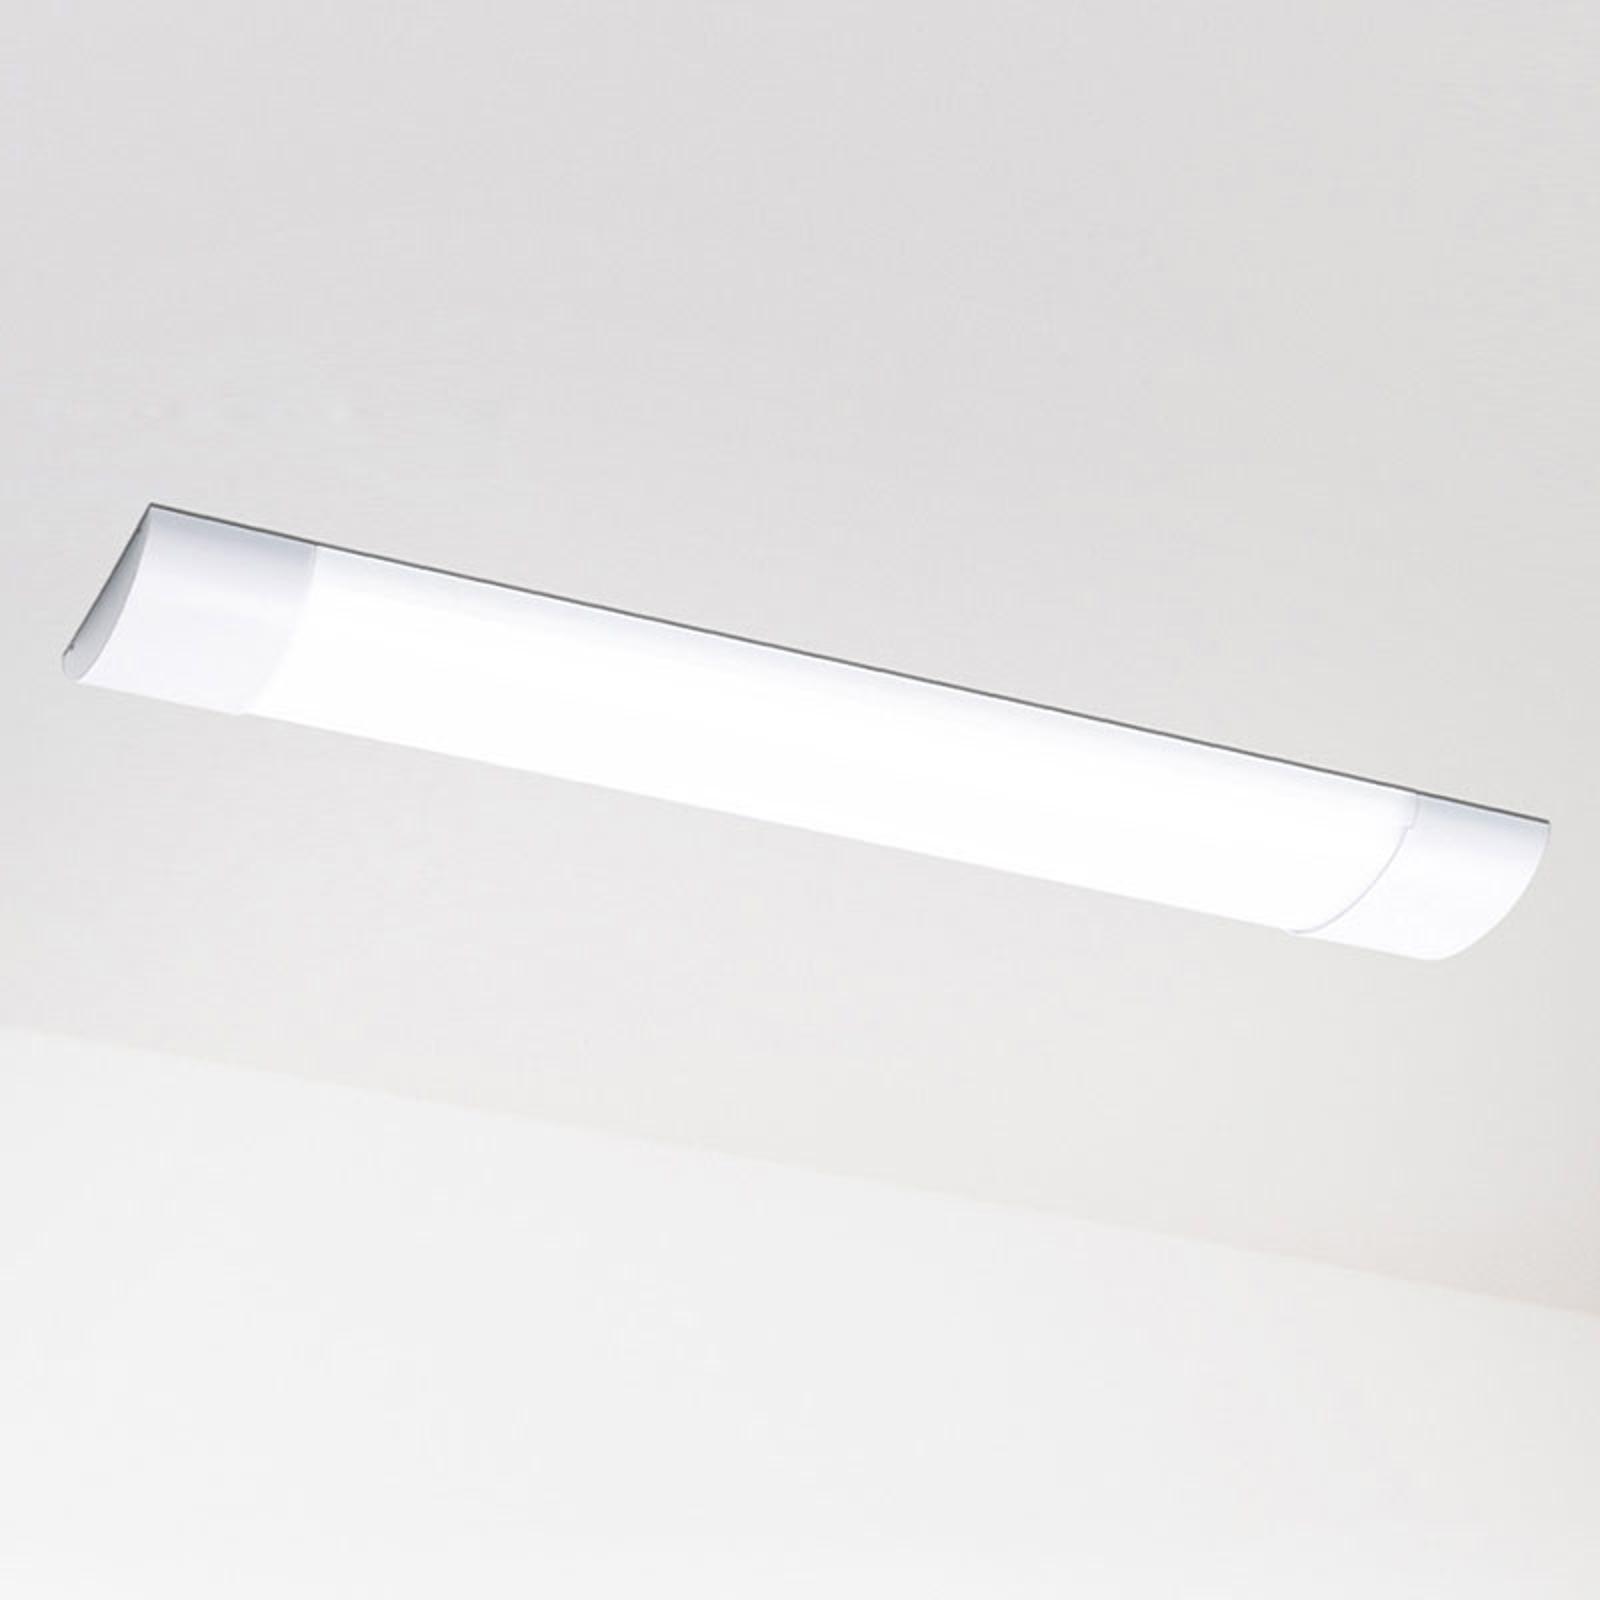 Müller Licht Scala DIM 90 LED-Deckenleuchte